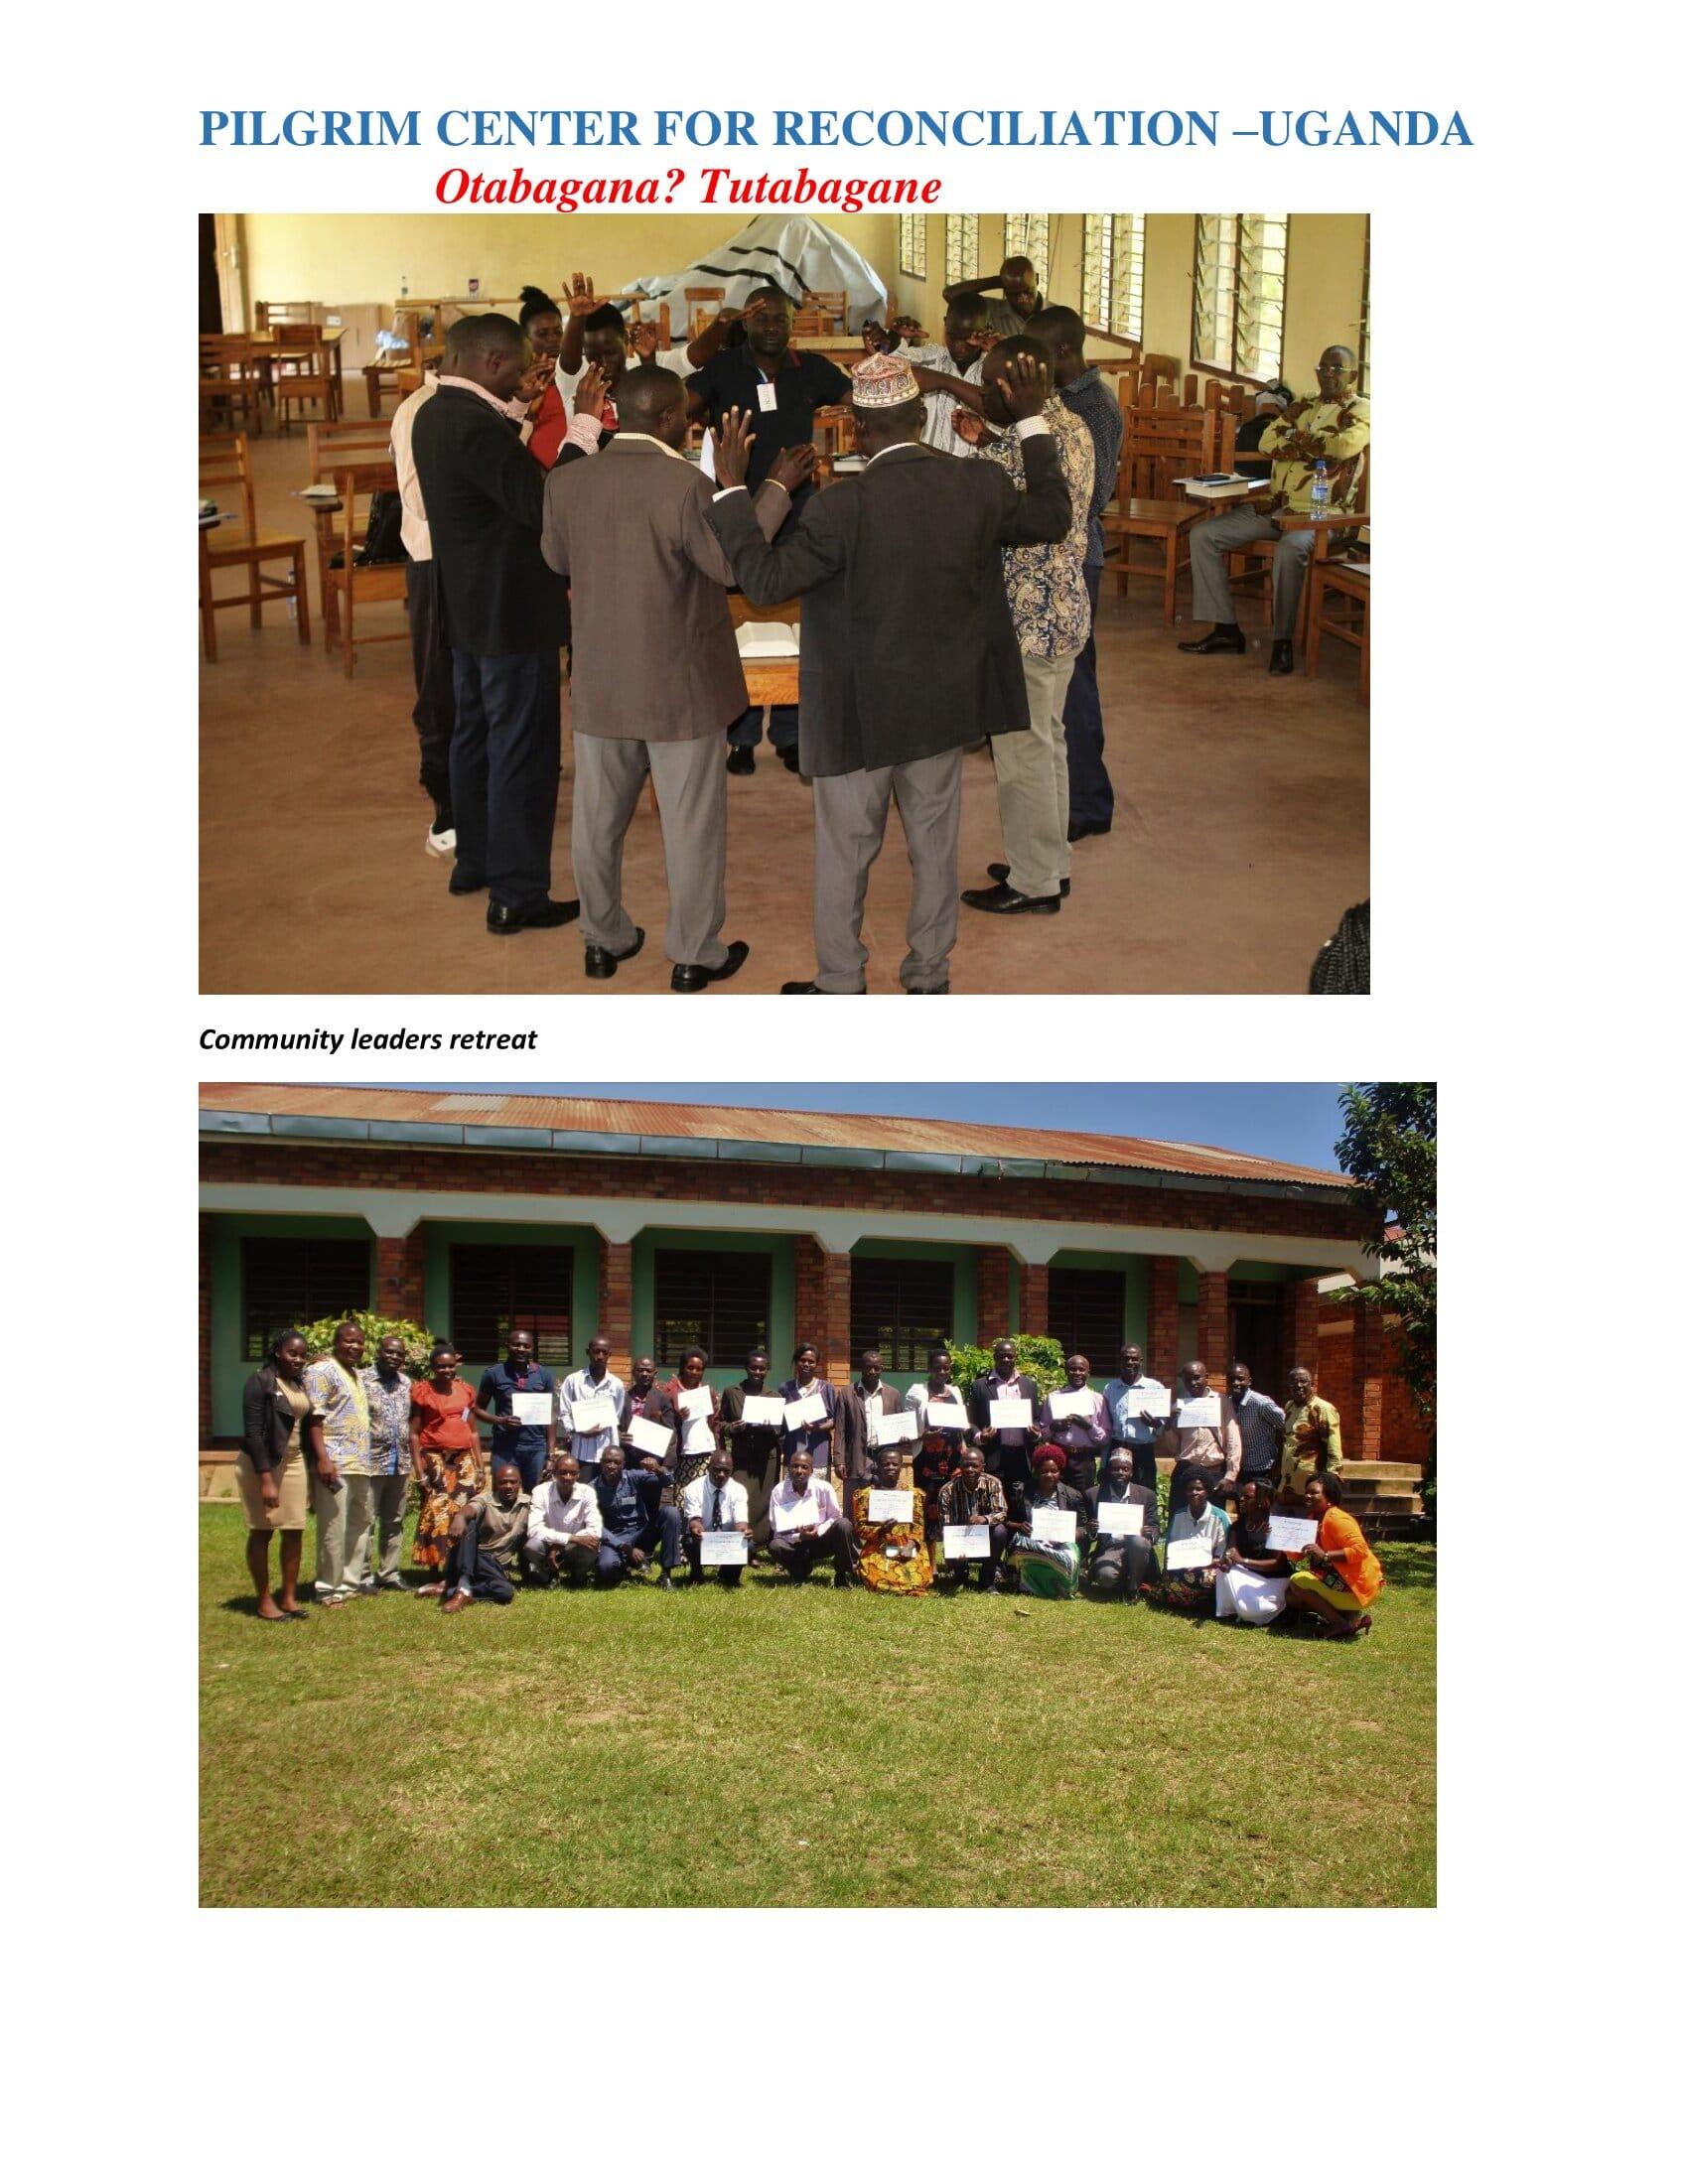 Pirigrim center for reconcilation -Uganda _0024-min